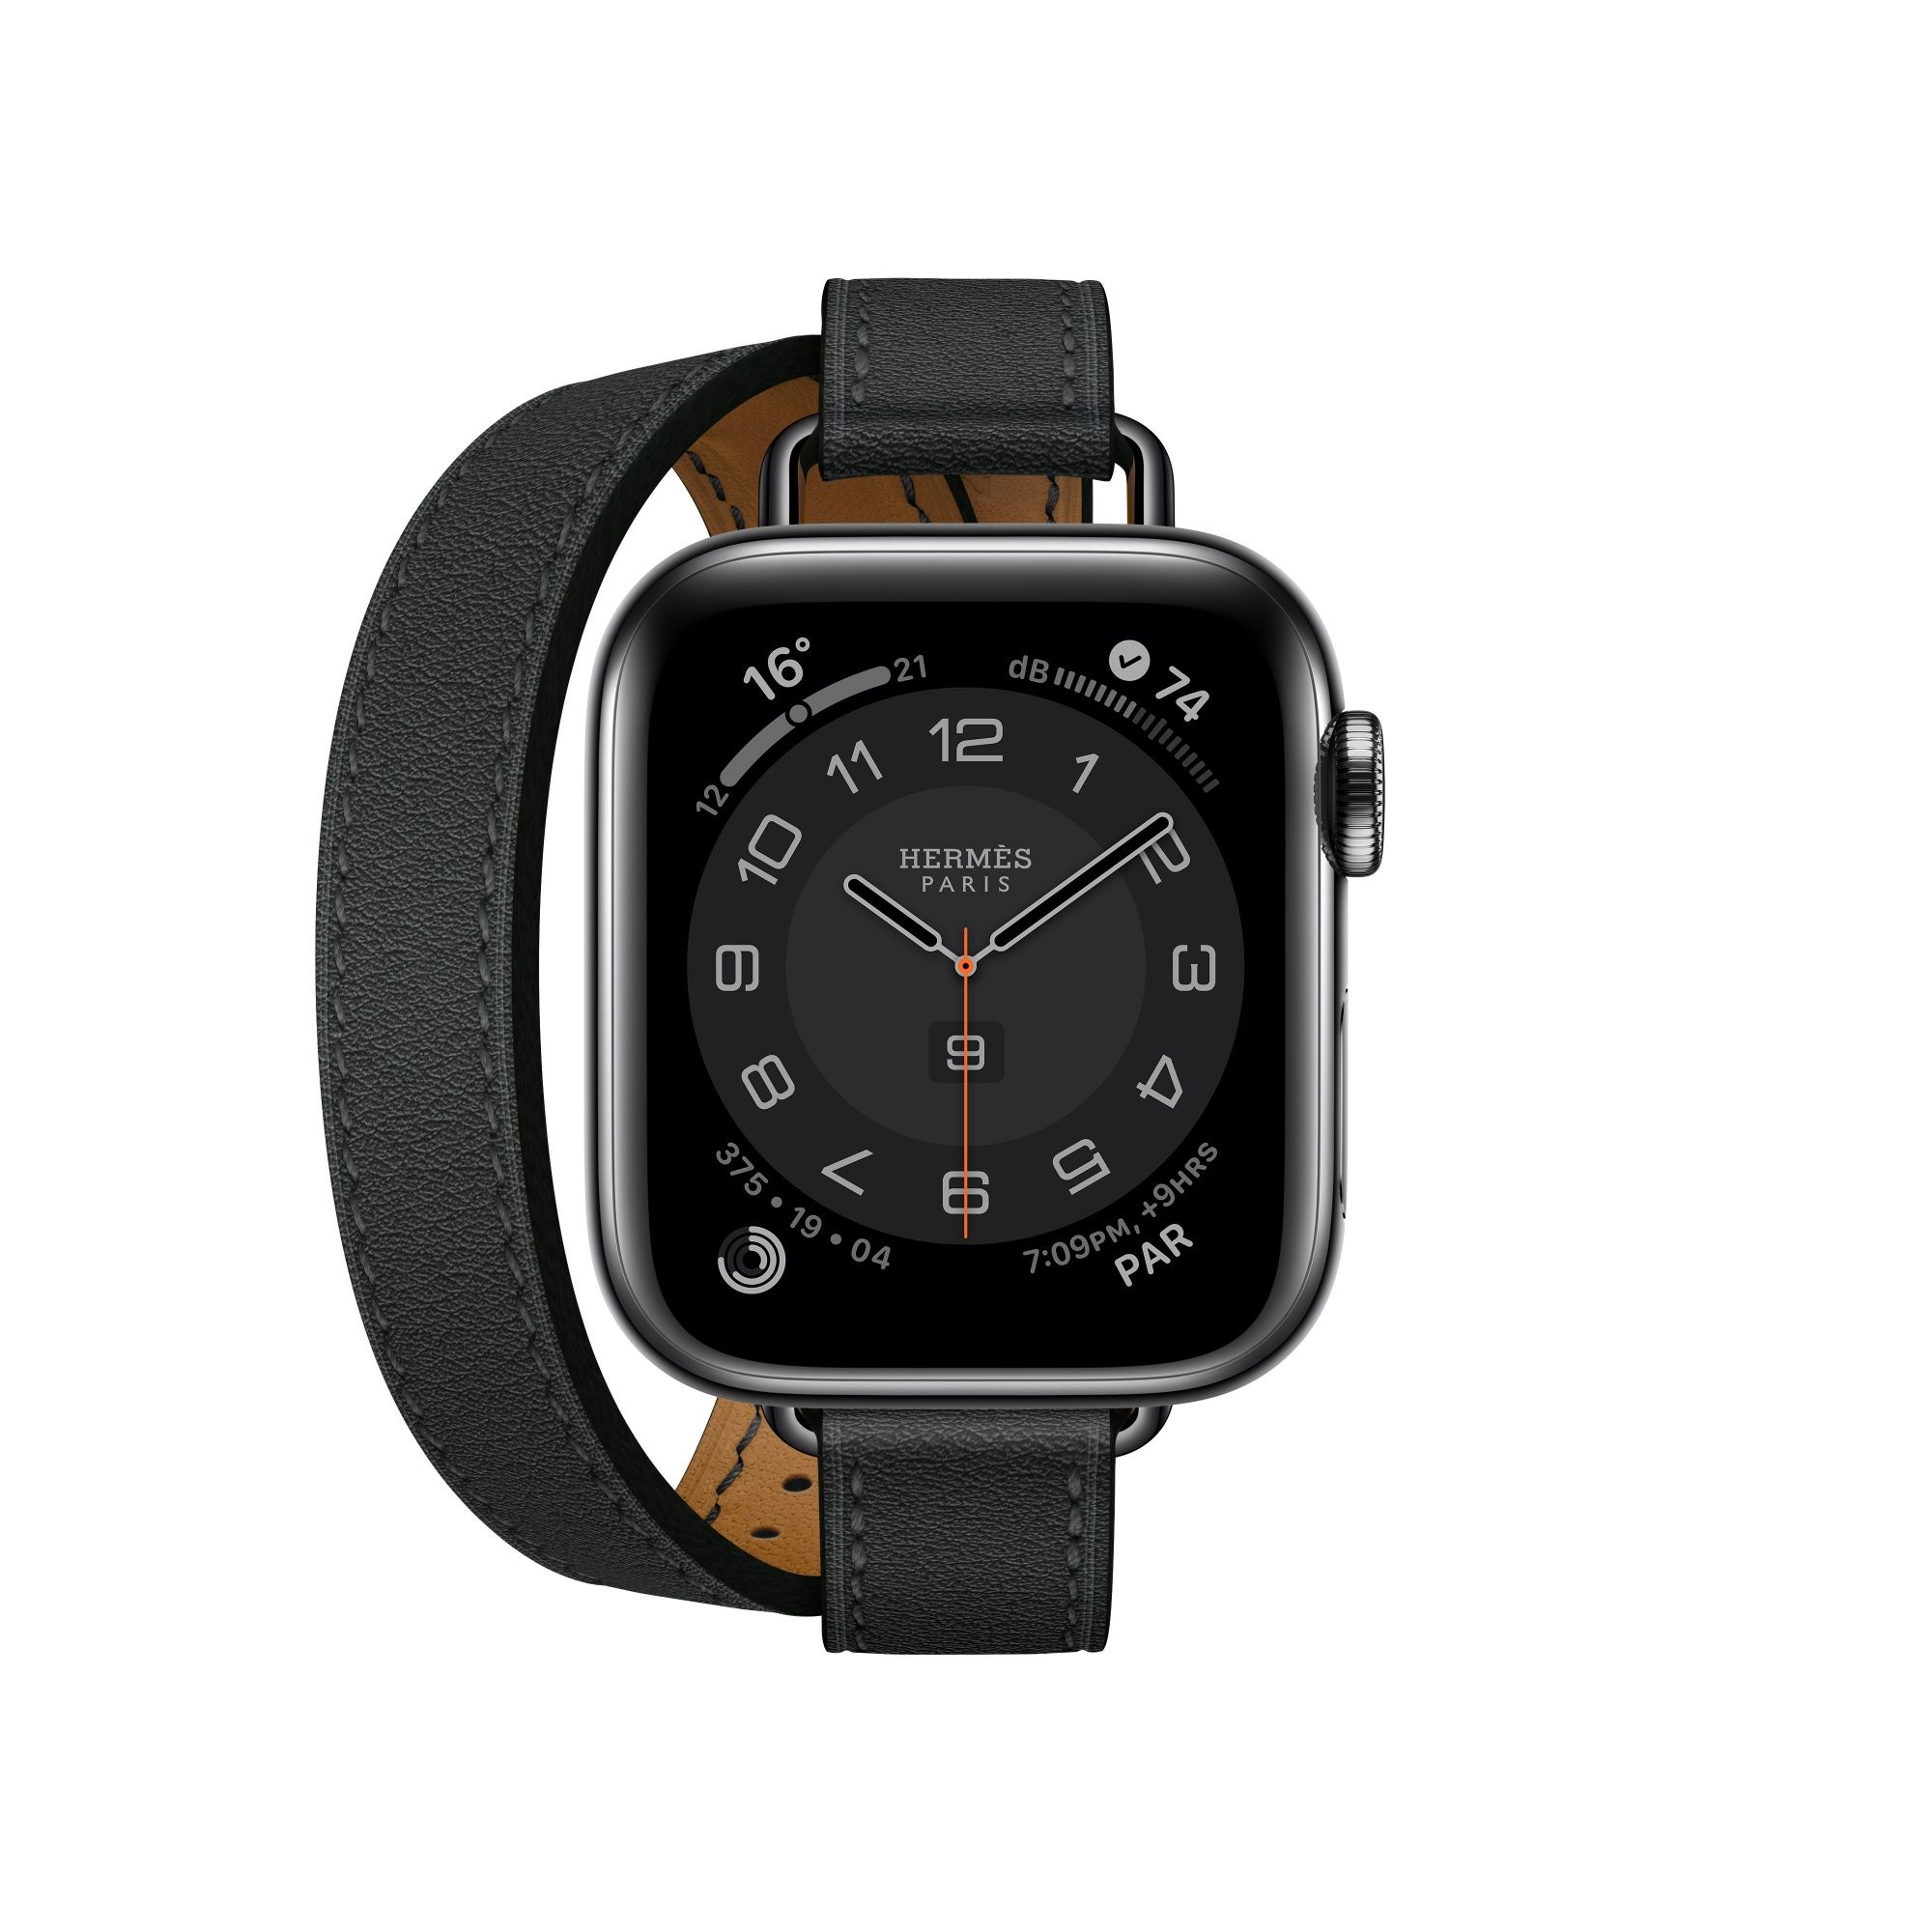 第六代 Apple Watch Hermès_Attelage 系列(40mm 錶殼)黑色雙圈 Swift 小牛皮錶帶錶款(雙錶帶),建議售價 NT$15,400